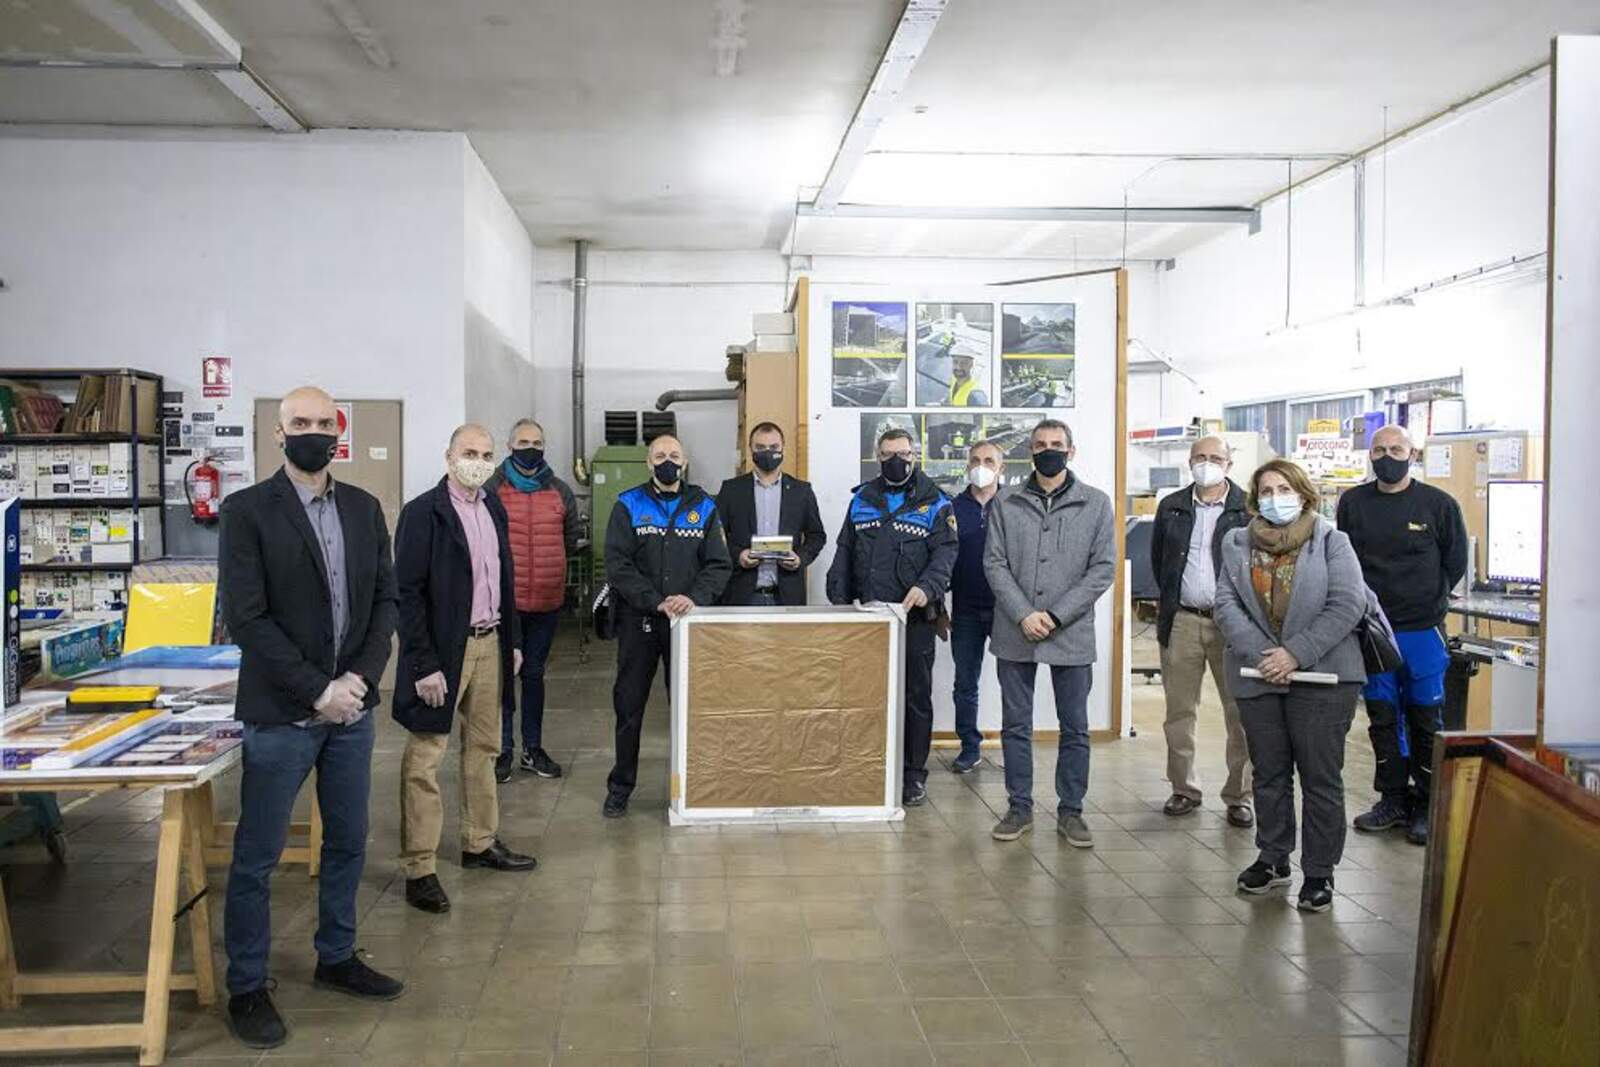 Acte de donació solidària d'un serigrafiat jeroglífic de l'empresa Seriluc Egara SL